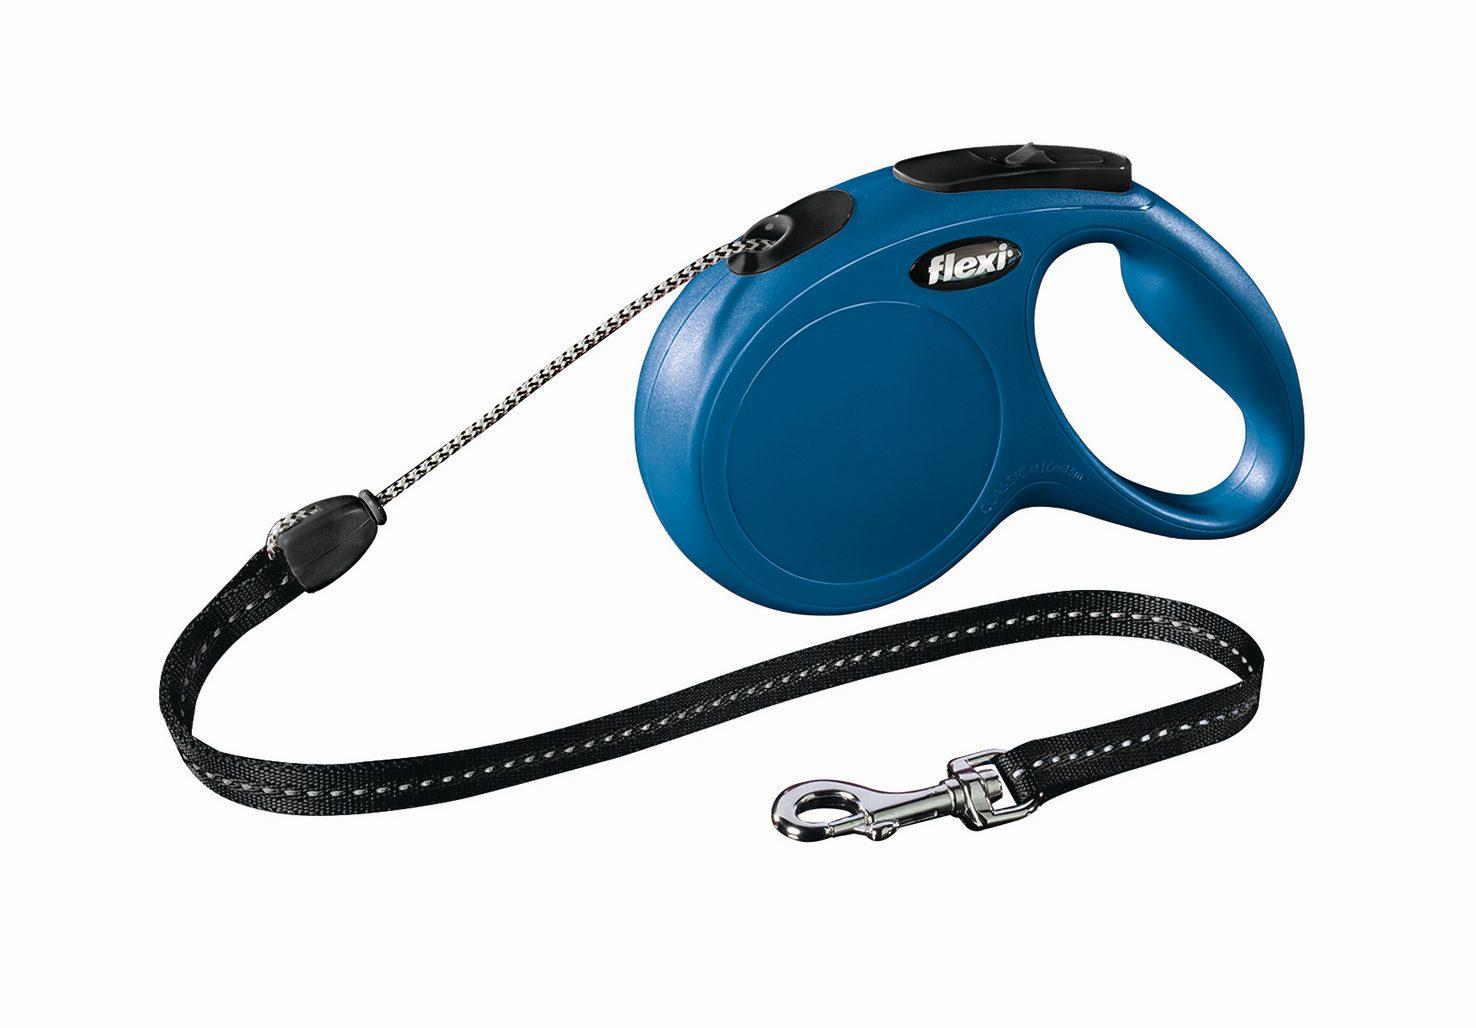 Поводок-рулетка Flexi Classic Long M для собак до 20 кг, цвет: синий, 8 м022818Поводок-рулетка Flexi Classic Long M изготовлен из пластика и нейлона. Подходит для собак весом до 20 кг. Тросовый поводок обеспечивает каждой собаке свободу движения, что идет на пользу здоровью и радует вашего четвероногого друга. Рулетка очень проста в использовании. Она оснащена кнопками кратковременной и постоянной фиксации. Ее можно оснастить мультибоксом для лакомств или пакетиков для сбора фекалий, LED подсветкой корпуса, своркой или ремнем с LED подсветкой. Поводок имеет прочный корпус, хромированную застежку и светоотражающие элементы.Длина поводка: 8 м. Максимальная нагрузка: 20 кг.Товар сертифицирован.